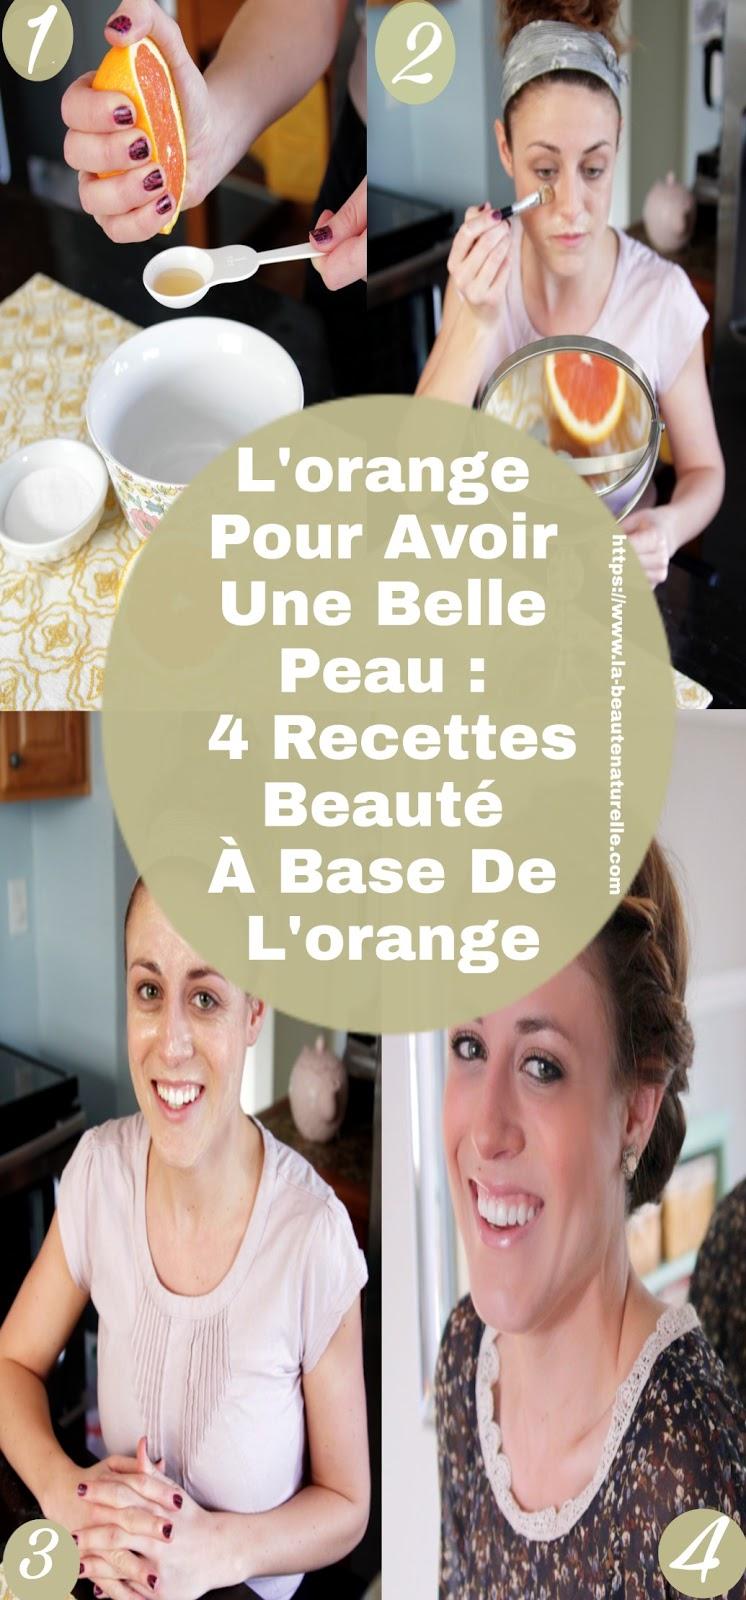 L'orange Pour Avoir Une Belle Peau : 4 Recettes Beauté À Base De L'orange